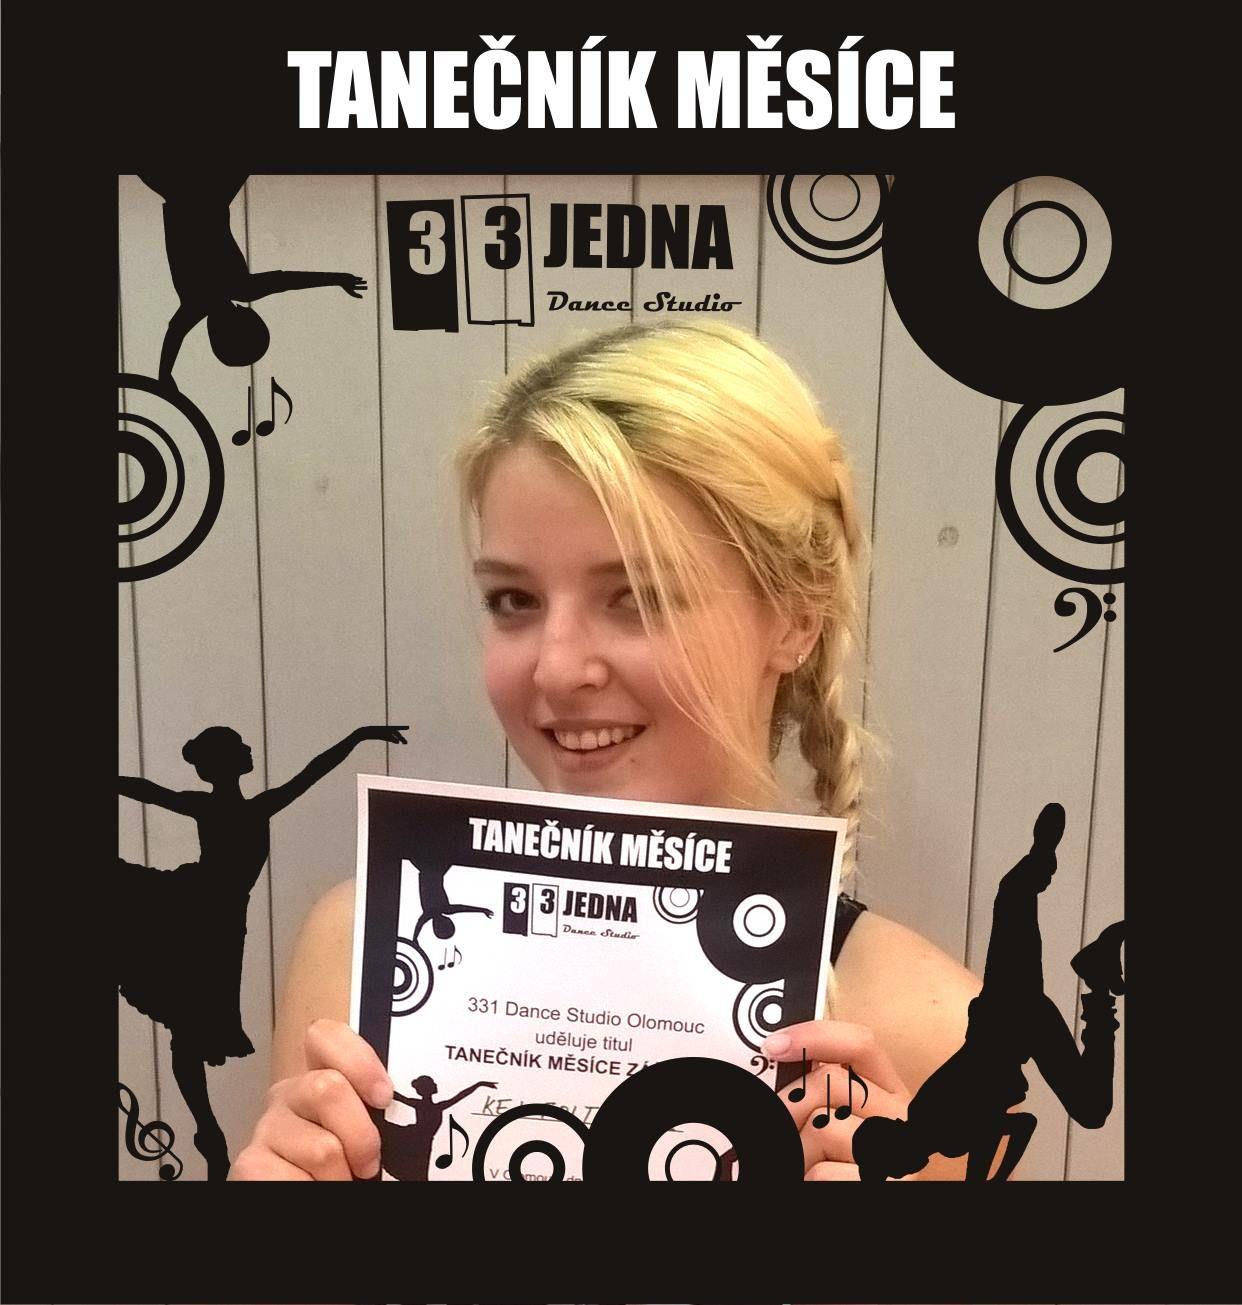 Tanečník měsíce září 2016 v 331 Dance Studiu Olomouc: Kej z tanečního kurzu Streetdance Advanced